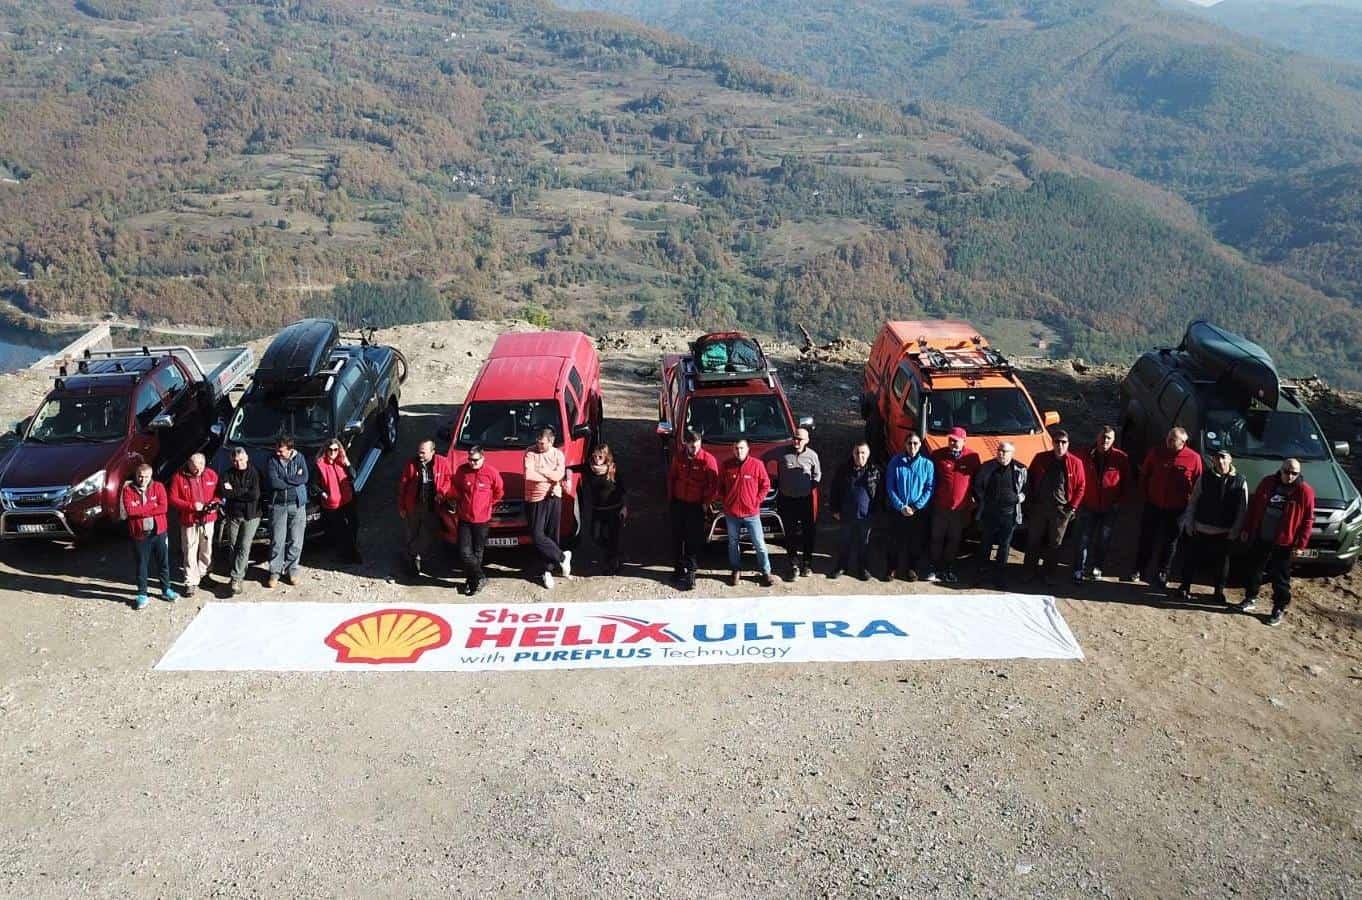 Orbico Lubricants partneri na planini Tara sa Jovanom Memedovićem, sasvim prirodnom, džipovima na planini